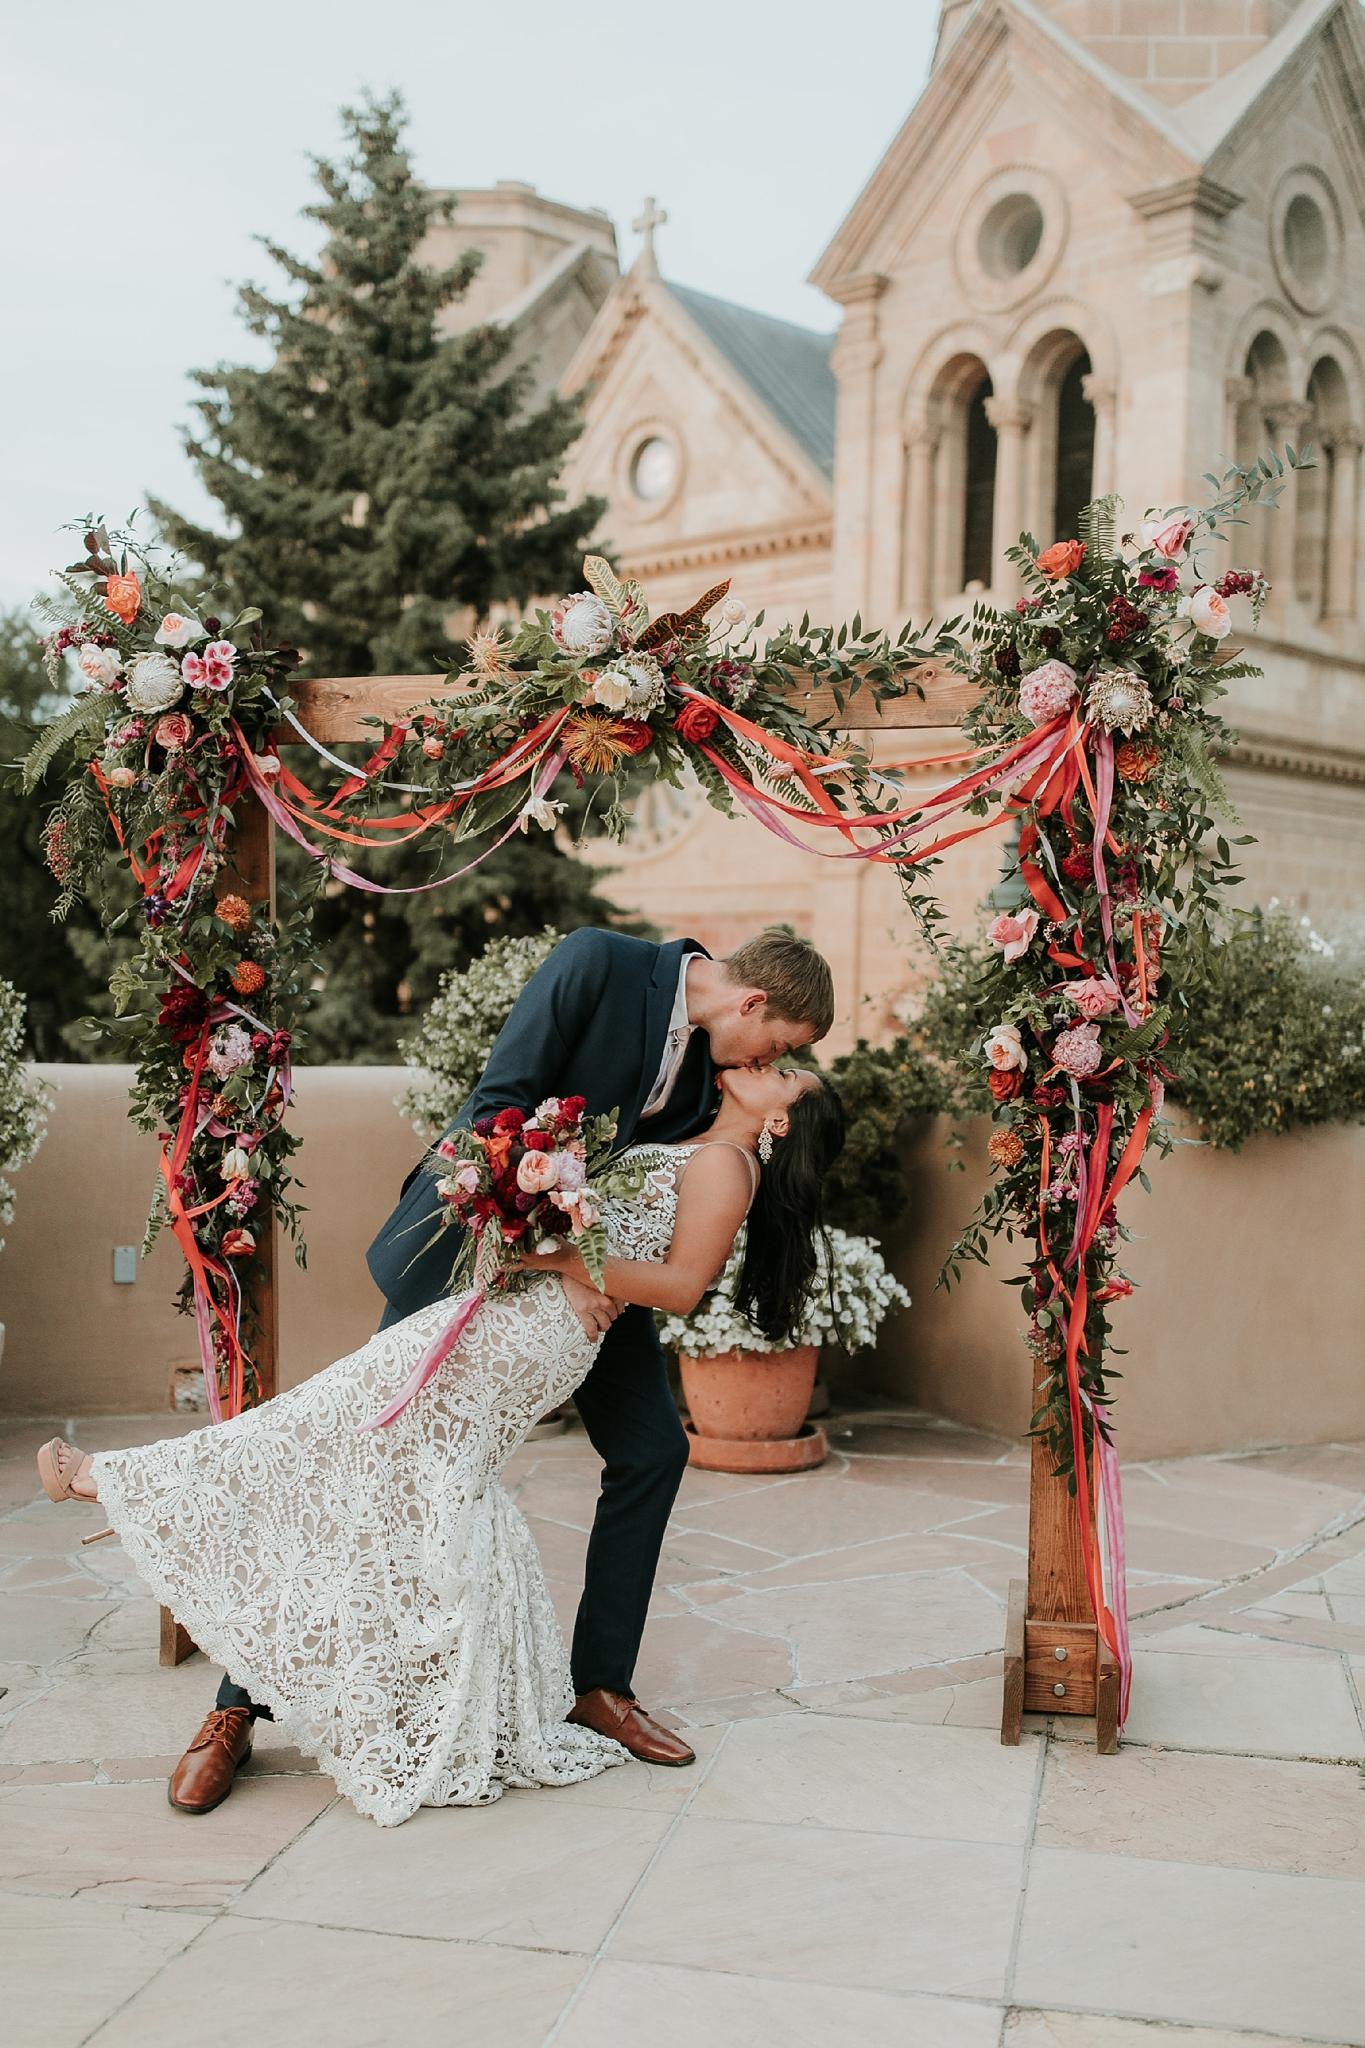 Alicia+lucia+photography+-+albuquerque+wedding+photographer+-+santa+fe+wedding+photography+-+new+mexico+wedding+photographer+-+new+mexico+florist+-+wedding+florist+-+renegade+floral_0039.jpg